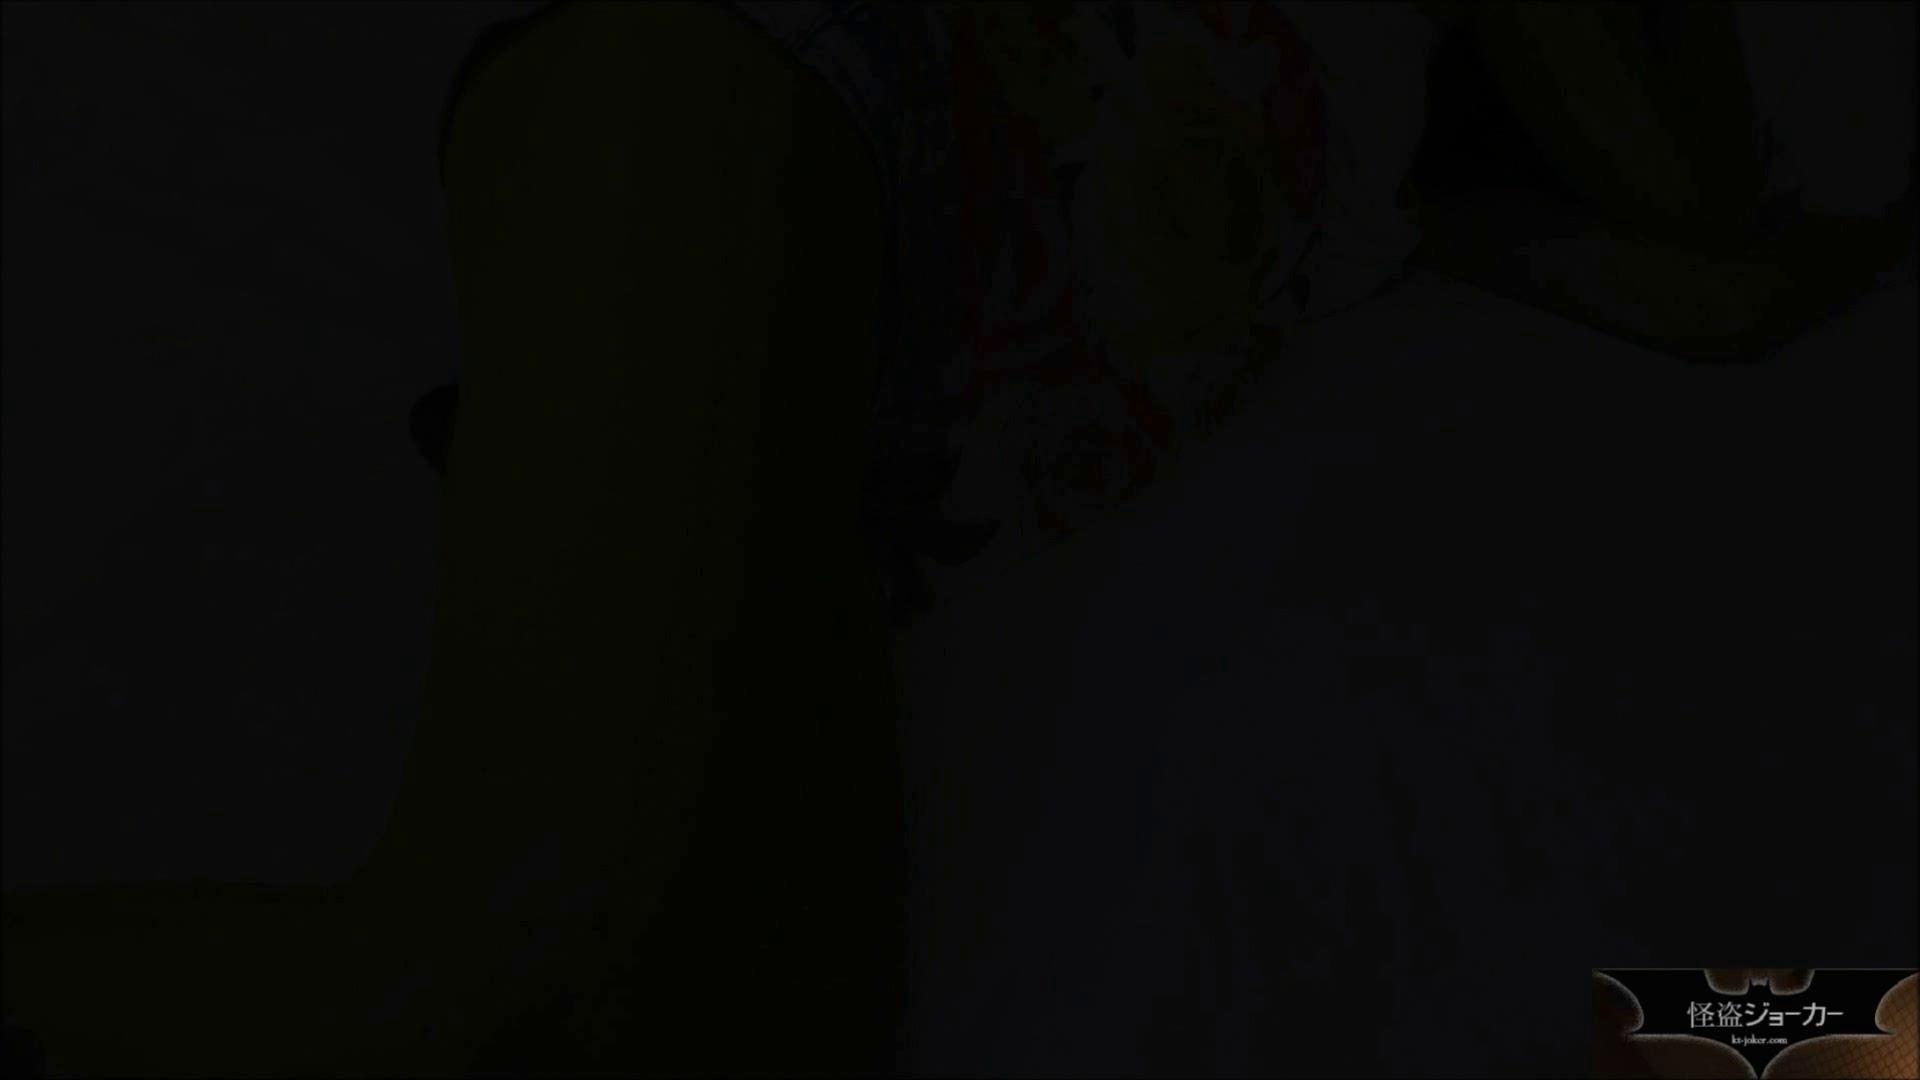 【未公開】vol.43 【朋葉】肉欲の関係。私のモノを欲し始め・・・ OLハメ撮り  112Pix 48